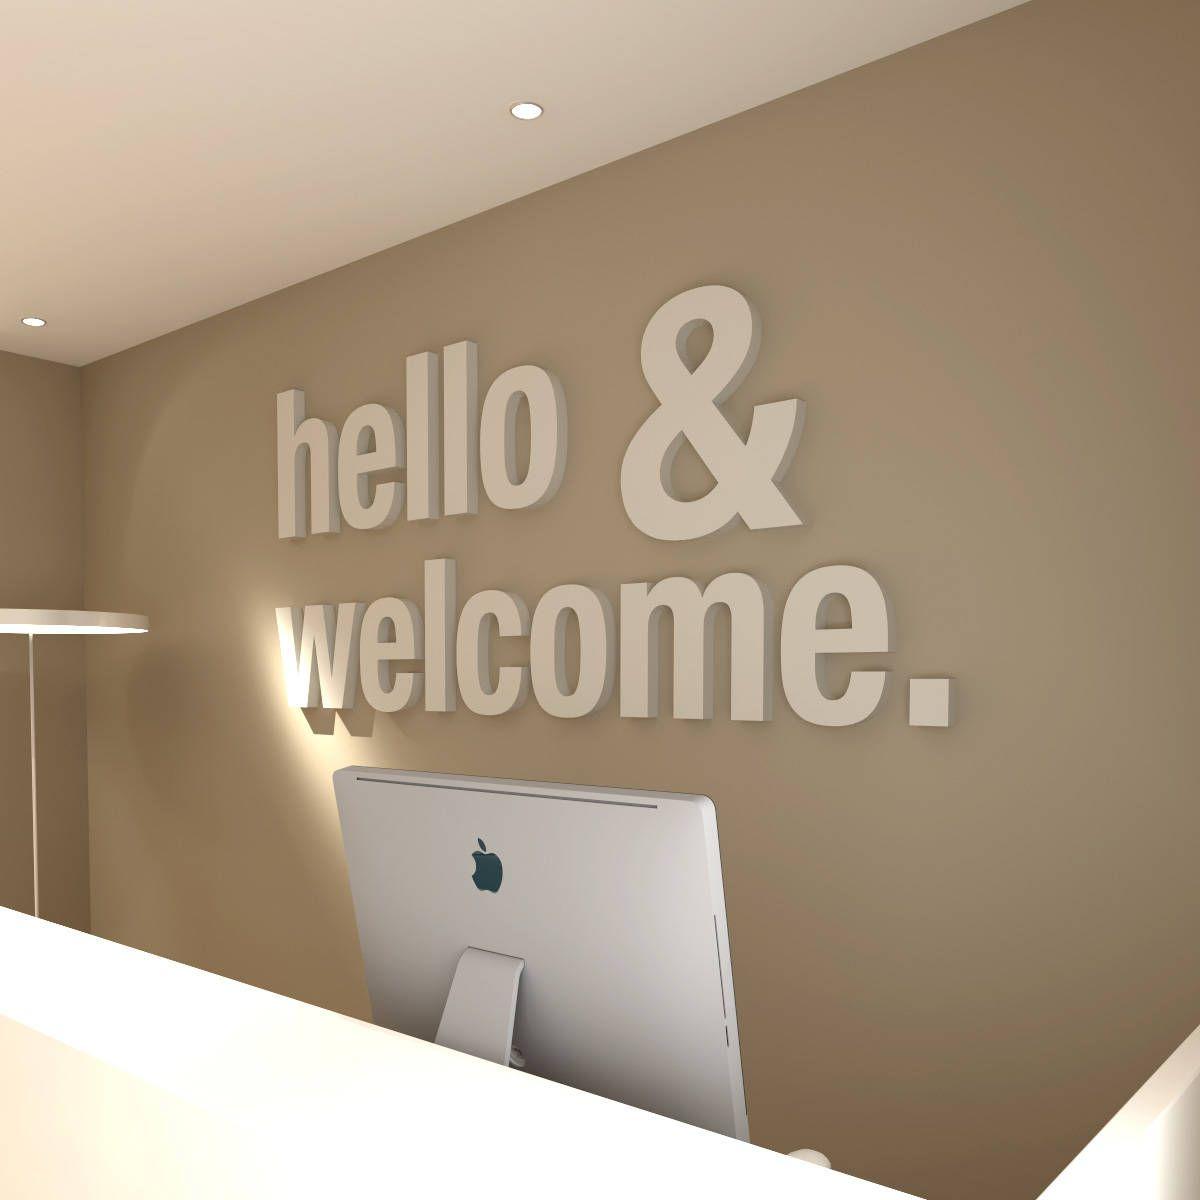 Décoration Murale Bureau Entreprise hello & welcome, bureau, deco bureau, décoration de bureau